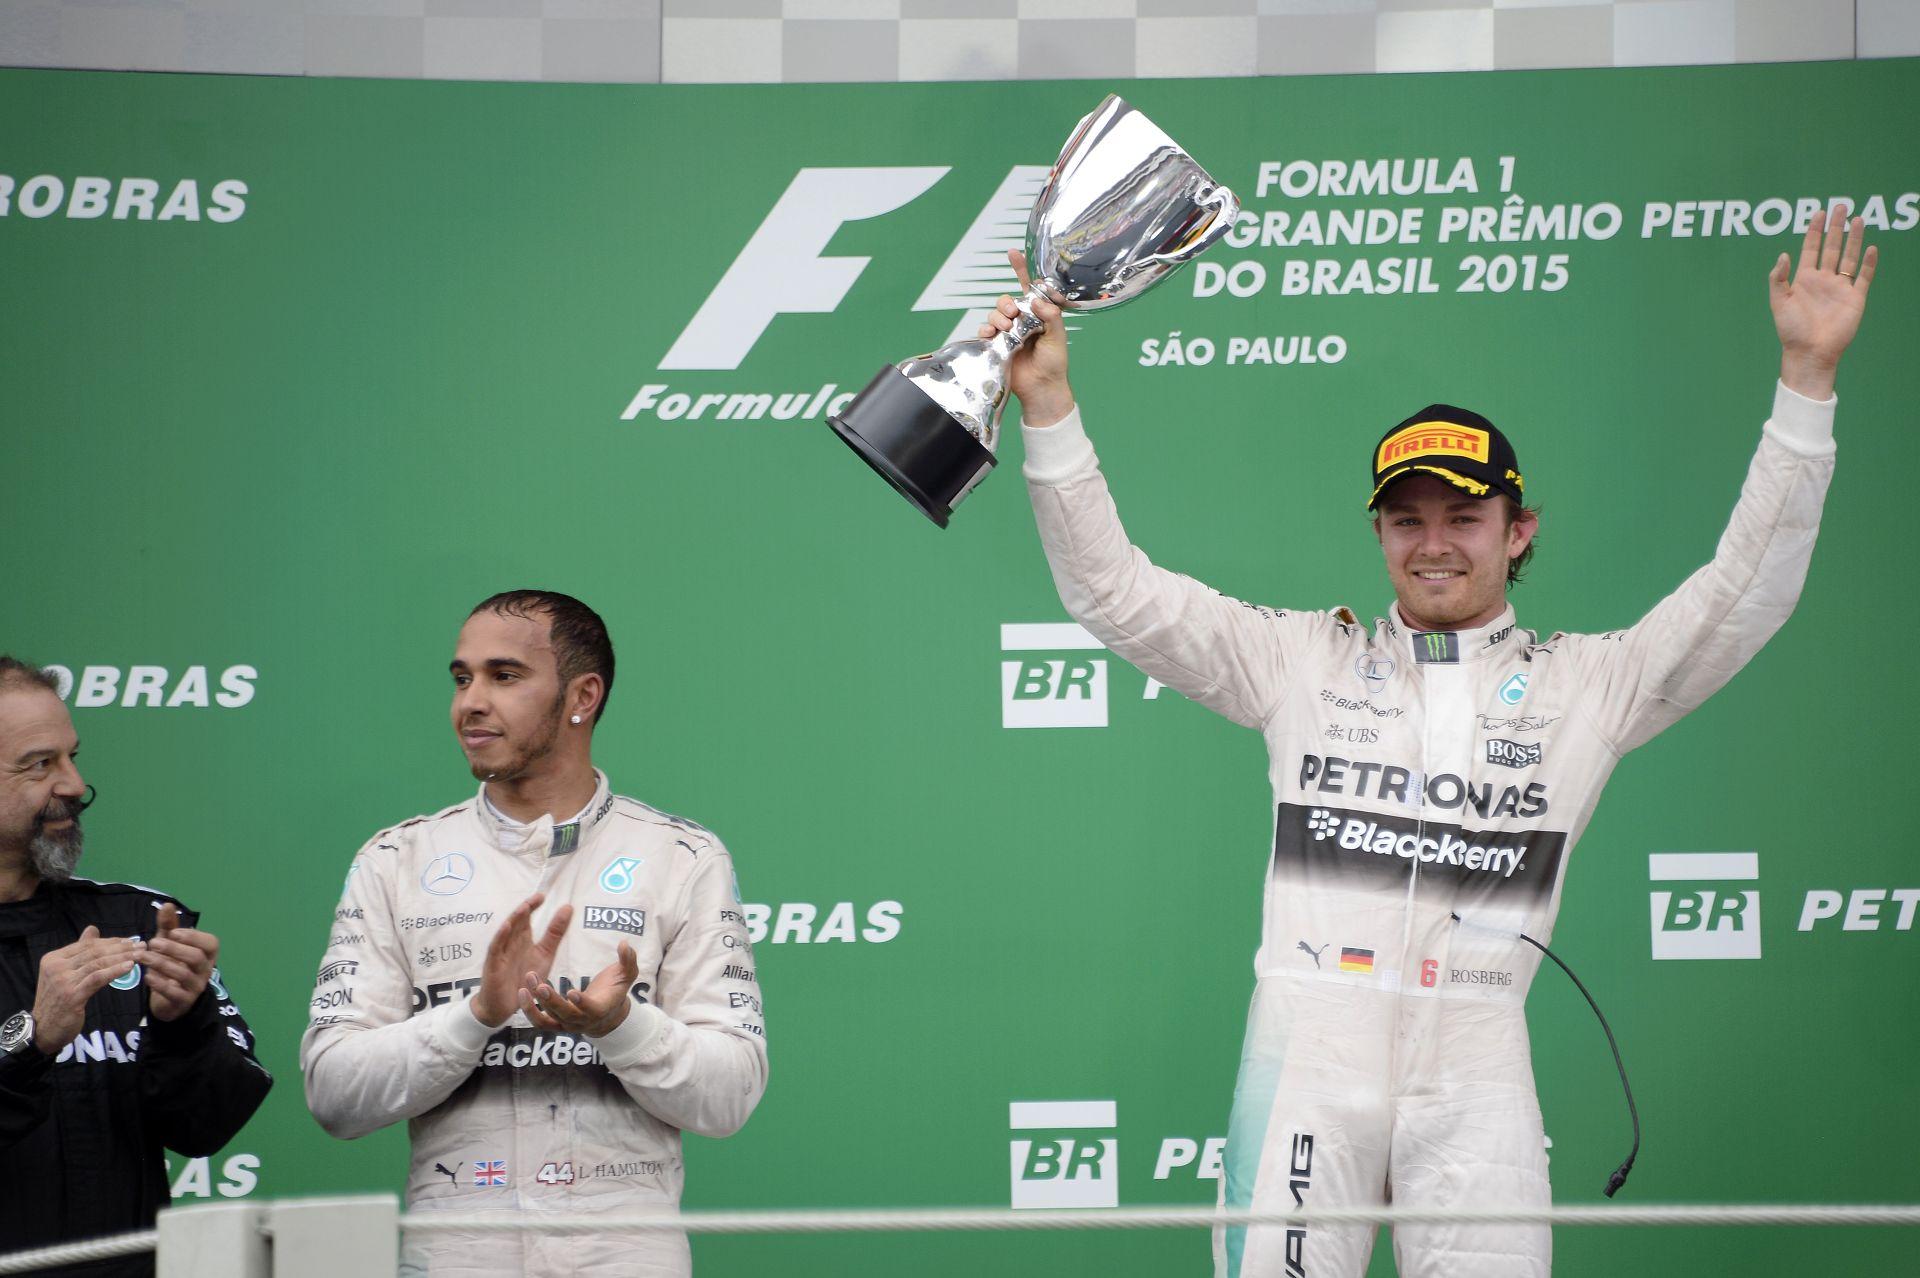 Hamilton mondott pár dolgot, amivel csak feltüzelte Rosberget